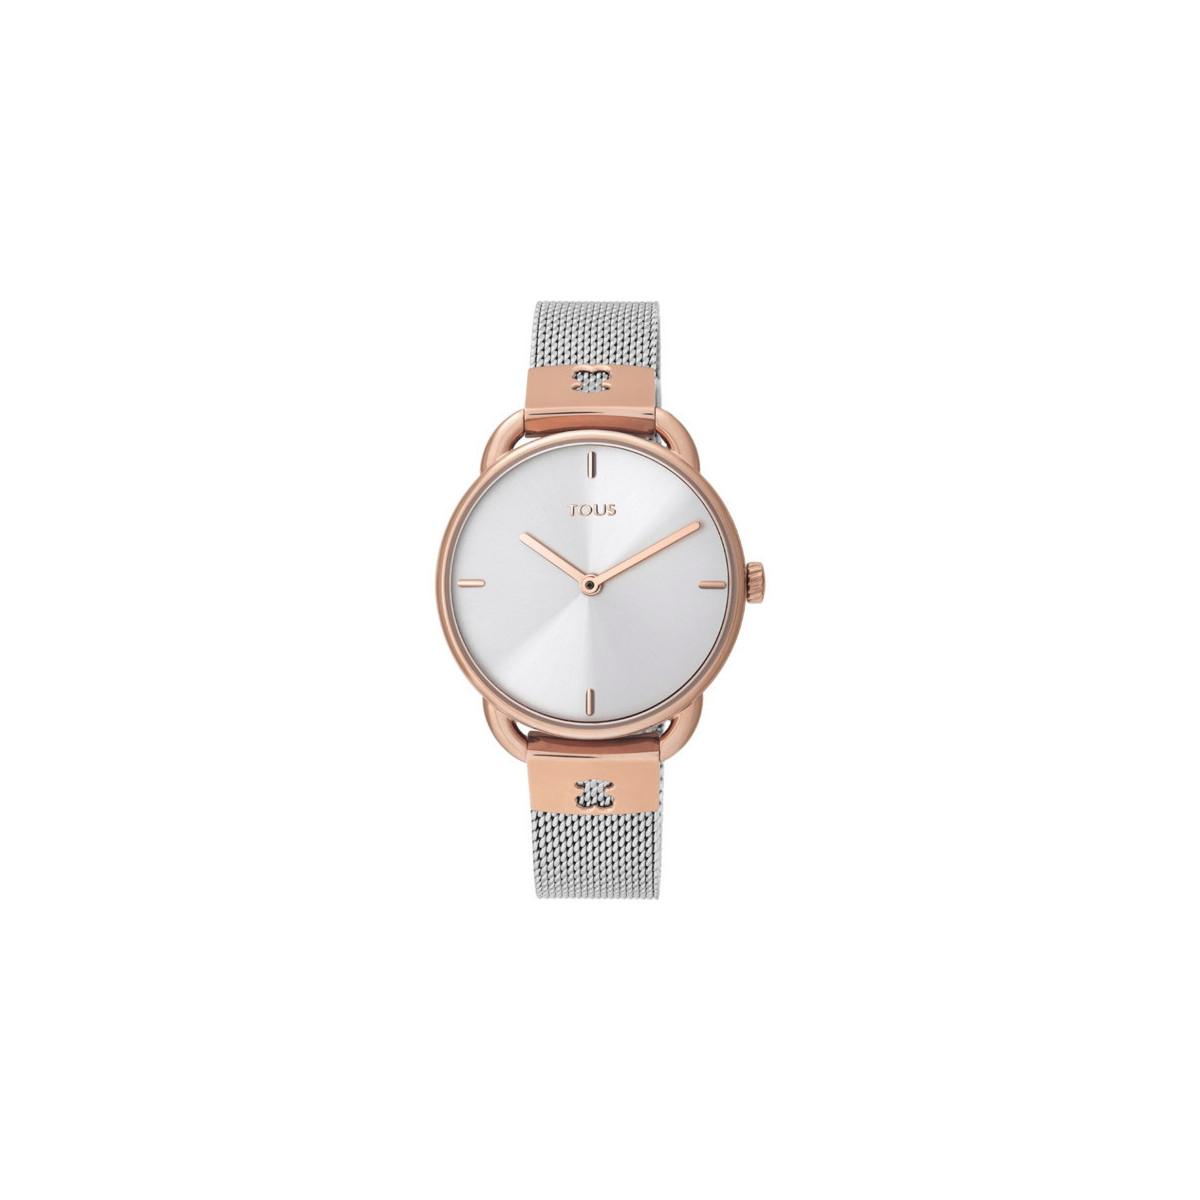 Reloj Tous Let Mesh 000351490